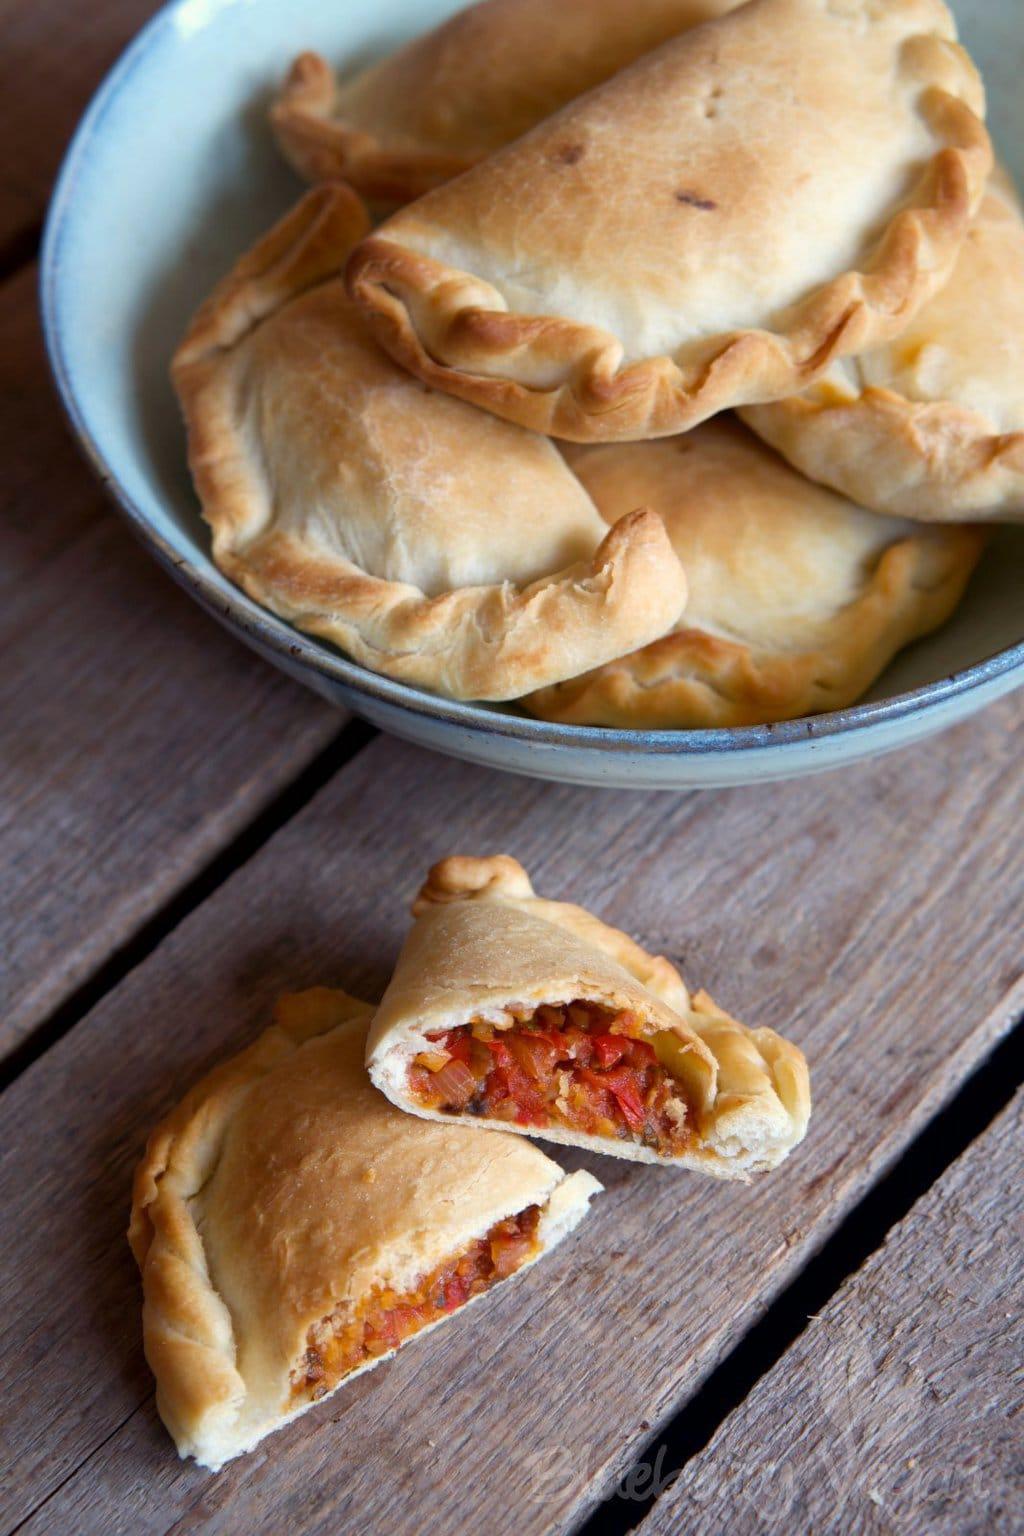 Leckere Empanadas mit Paprika- und Spinatfüllung